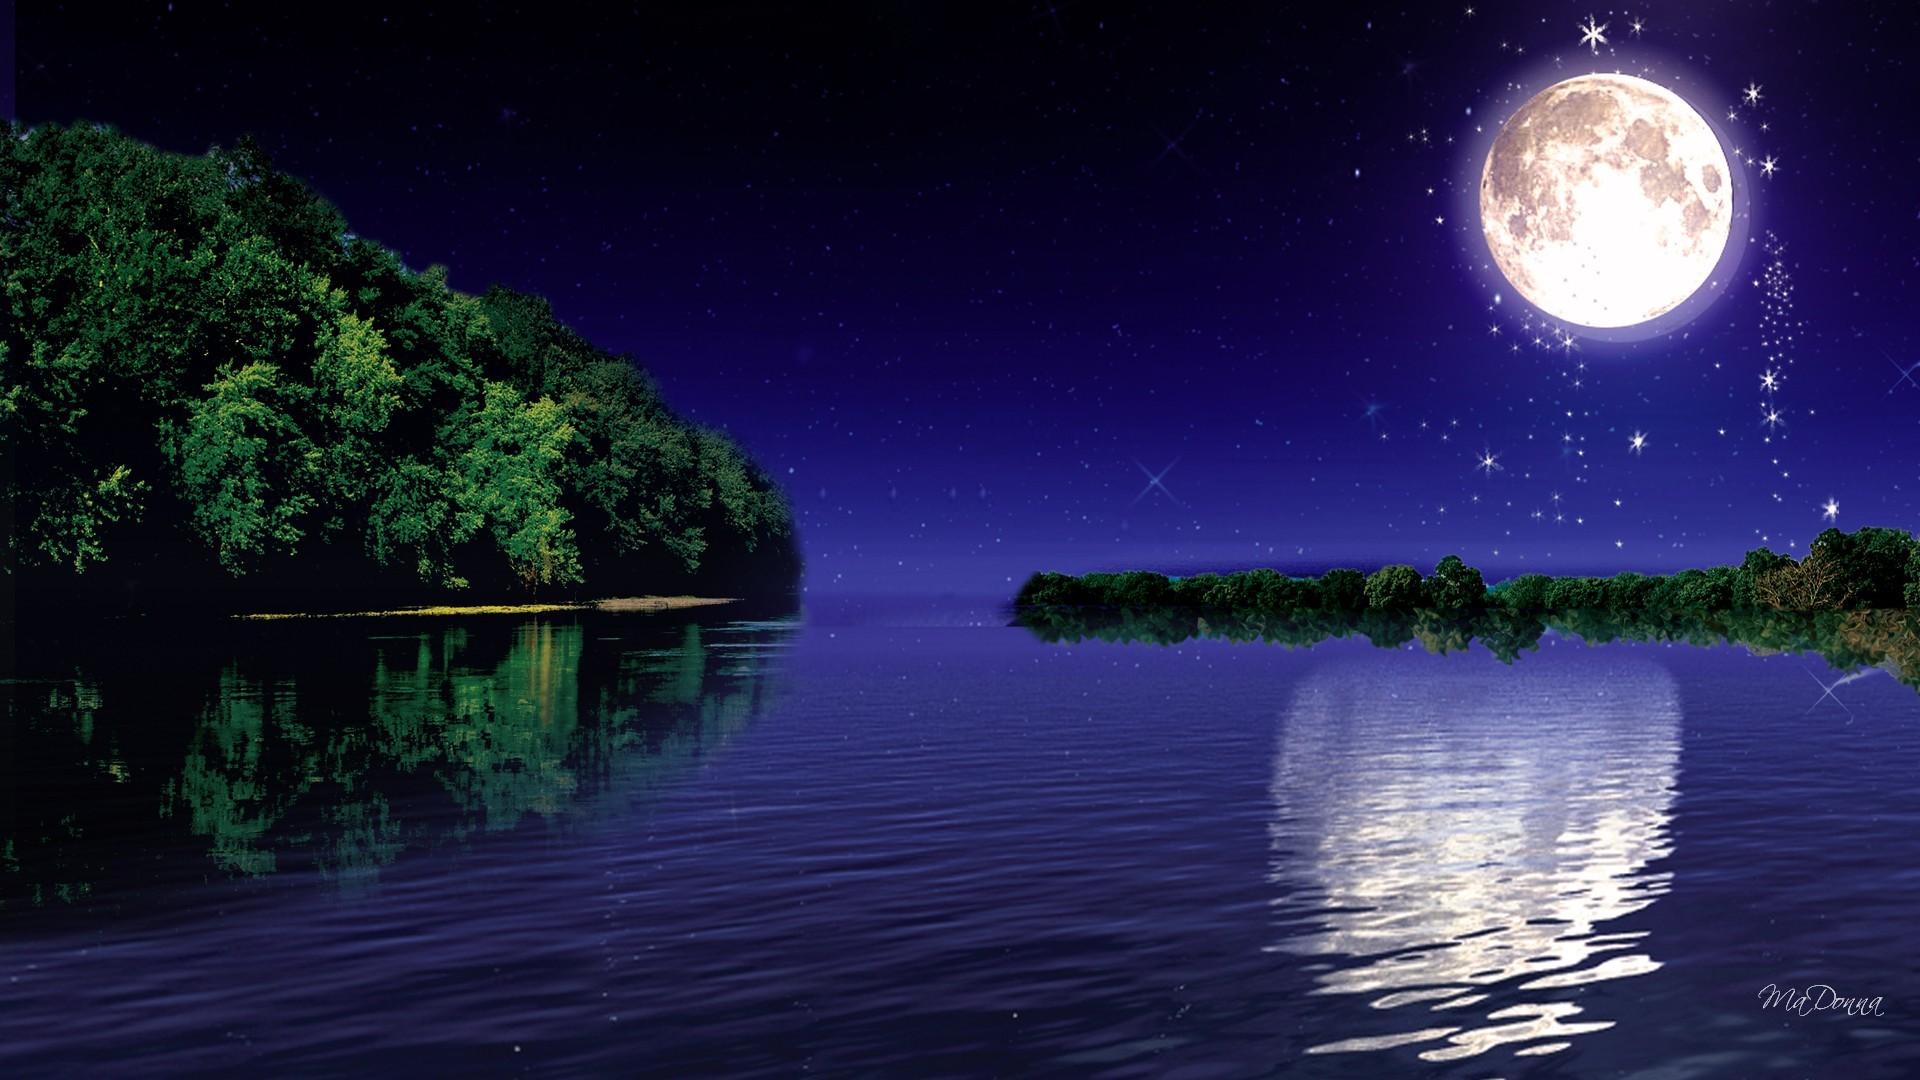 66 moonlight night wallpaper on wallpapersafari - Light night wallpaper ...